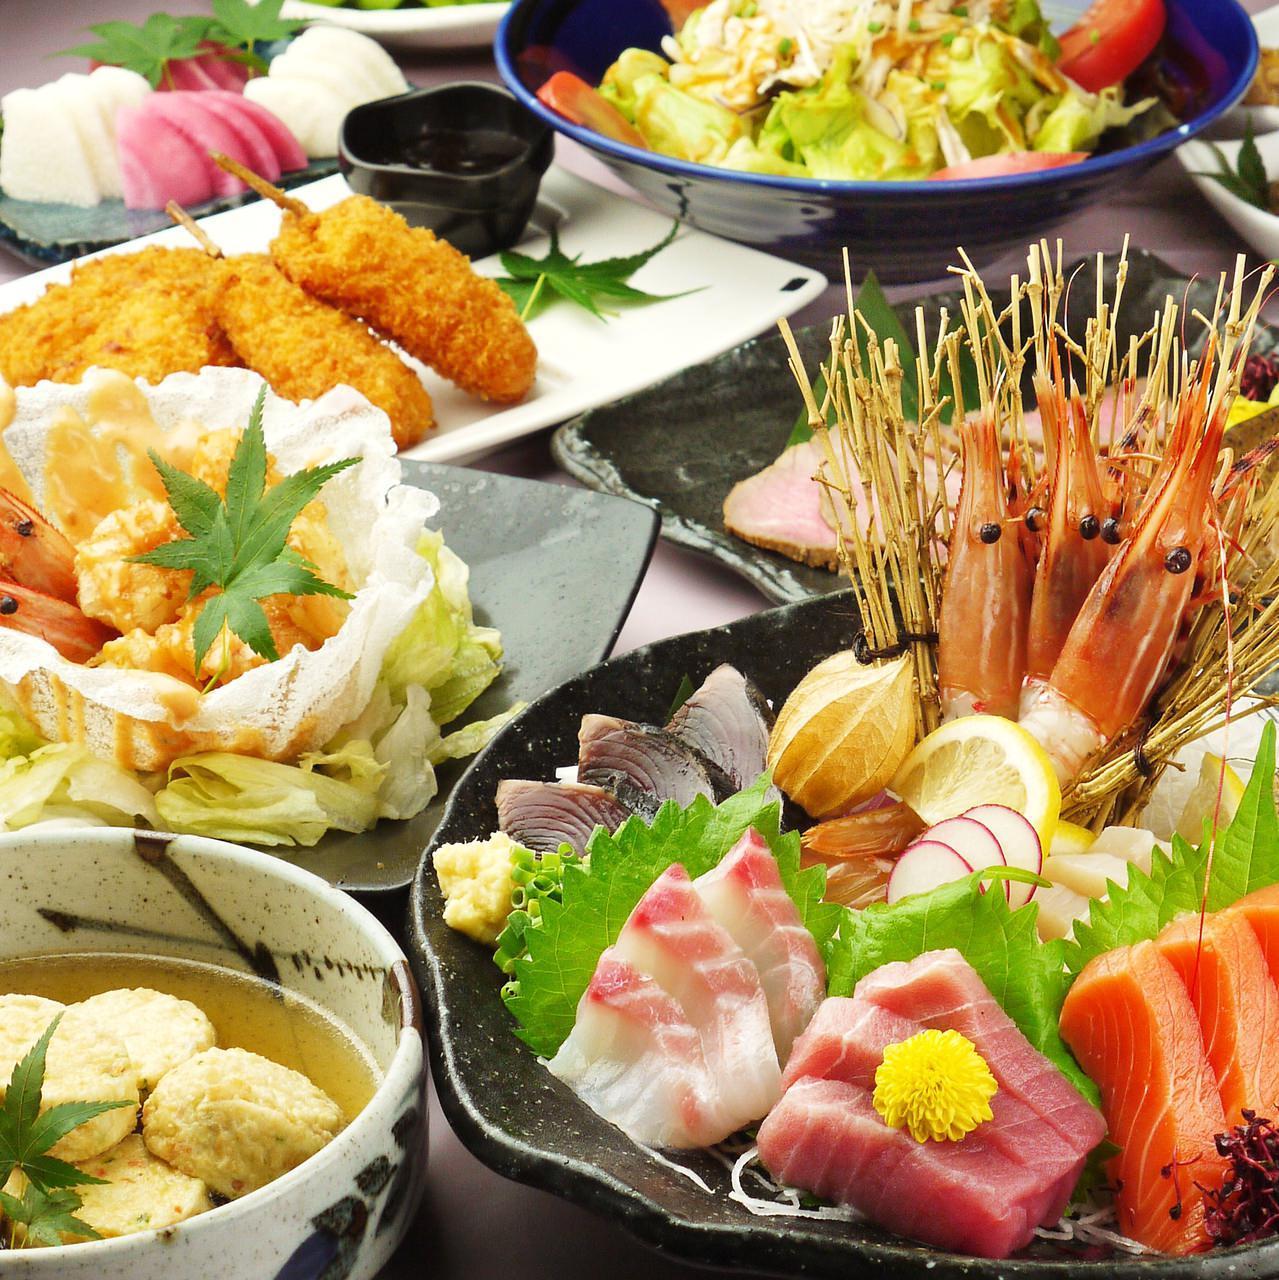 【れんま】選べるメイン料理や三陸の鮮魚4点盛り!2時間飲み放題付き9品4000円